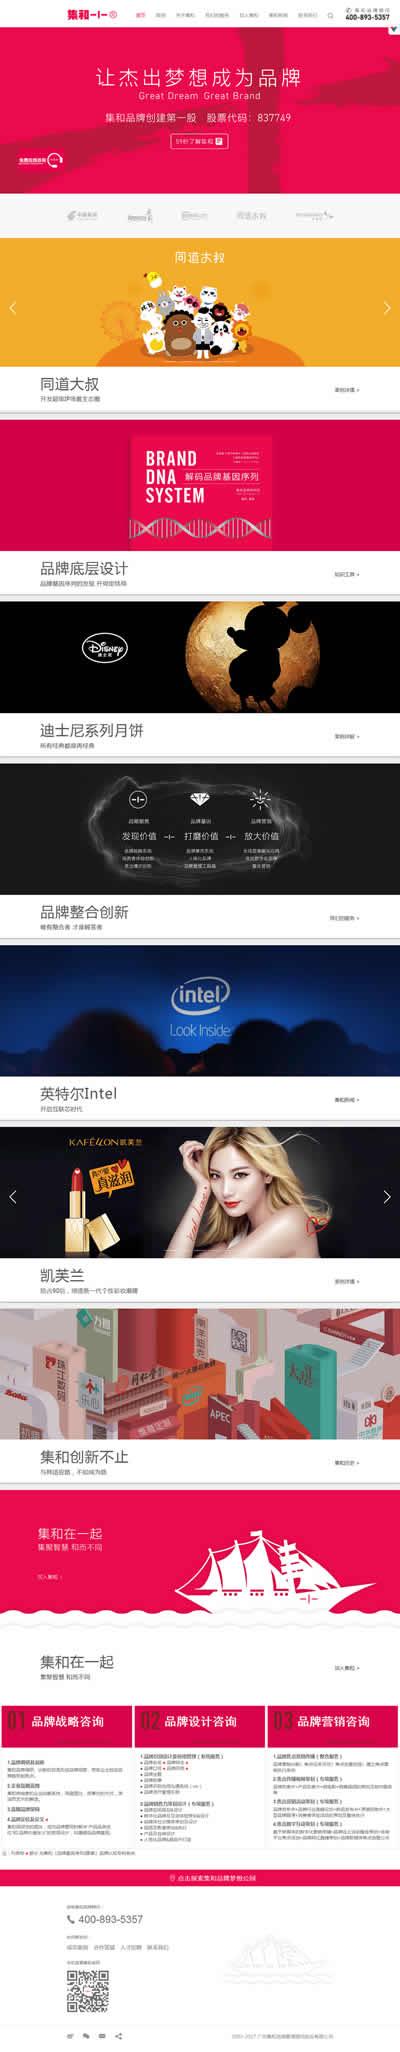 廣州集(ji)和(he)品牌管(guan)理廣州網頁設計